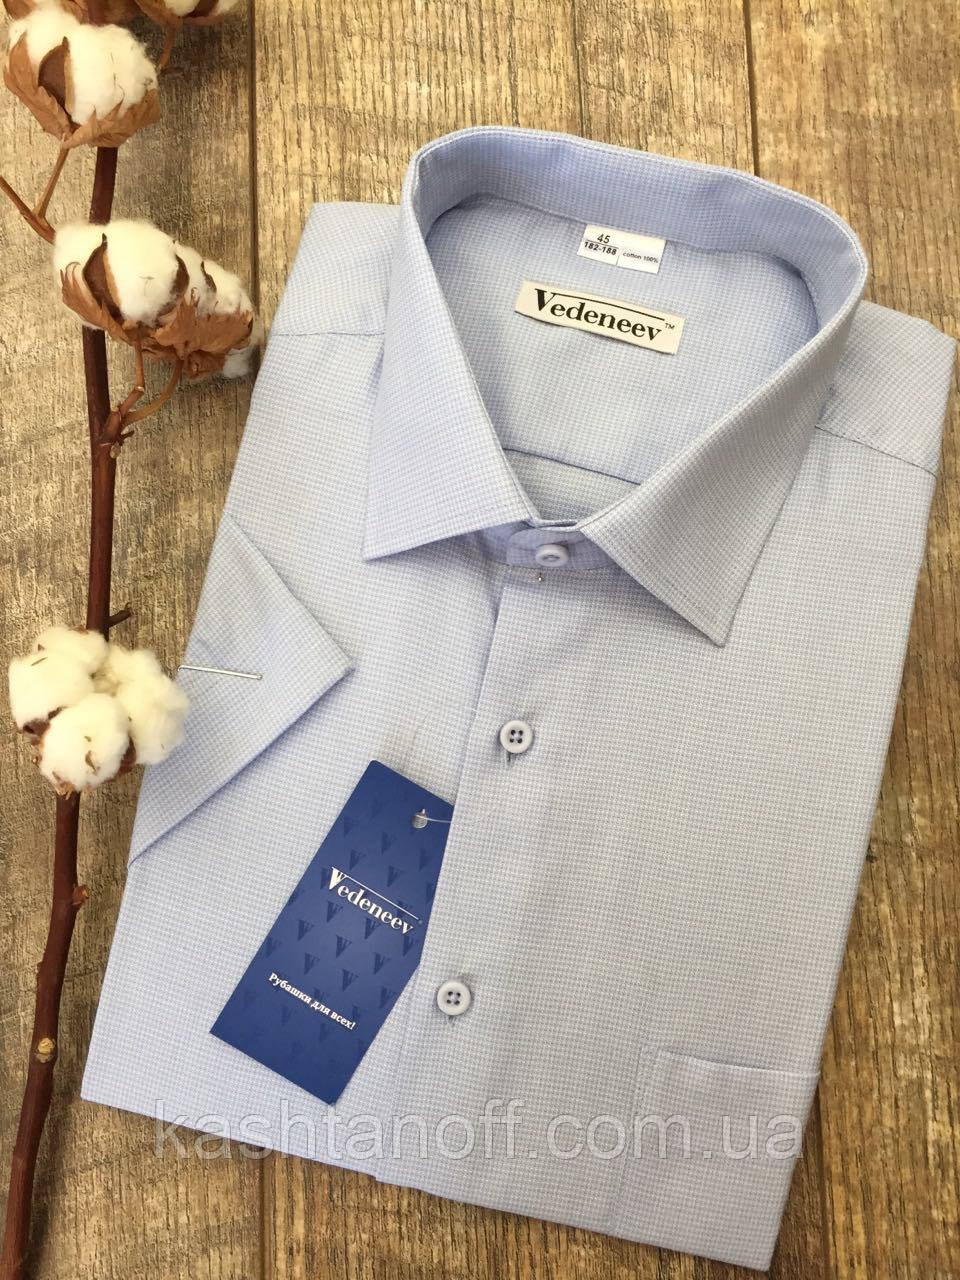 d25cc87fbcb9e39 Мужская рубашка с коротким рукавом меланж голубого цвета - Интернет-магазин  КАШТАН Мужская, женская